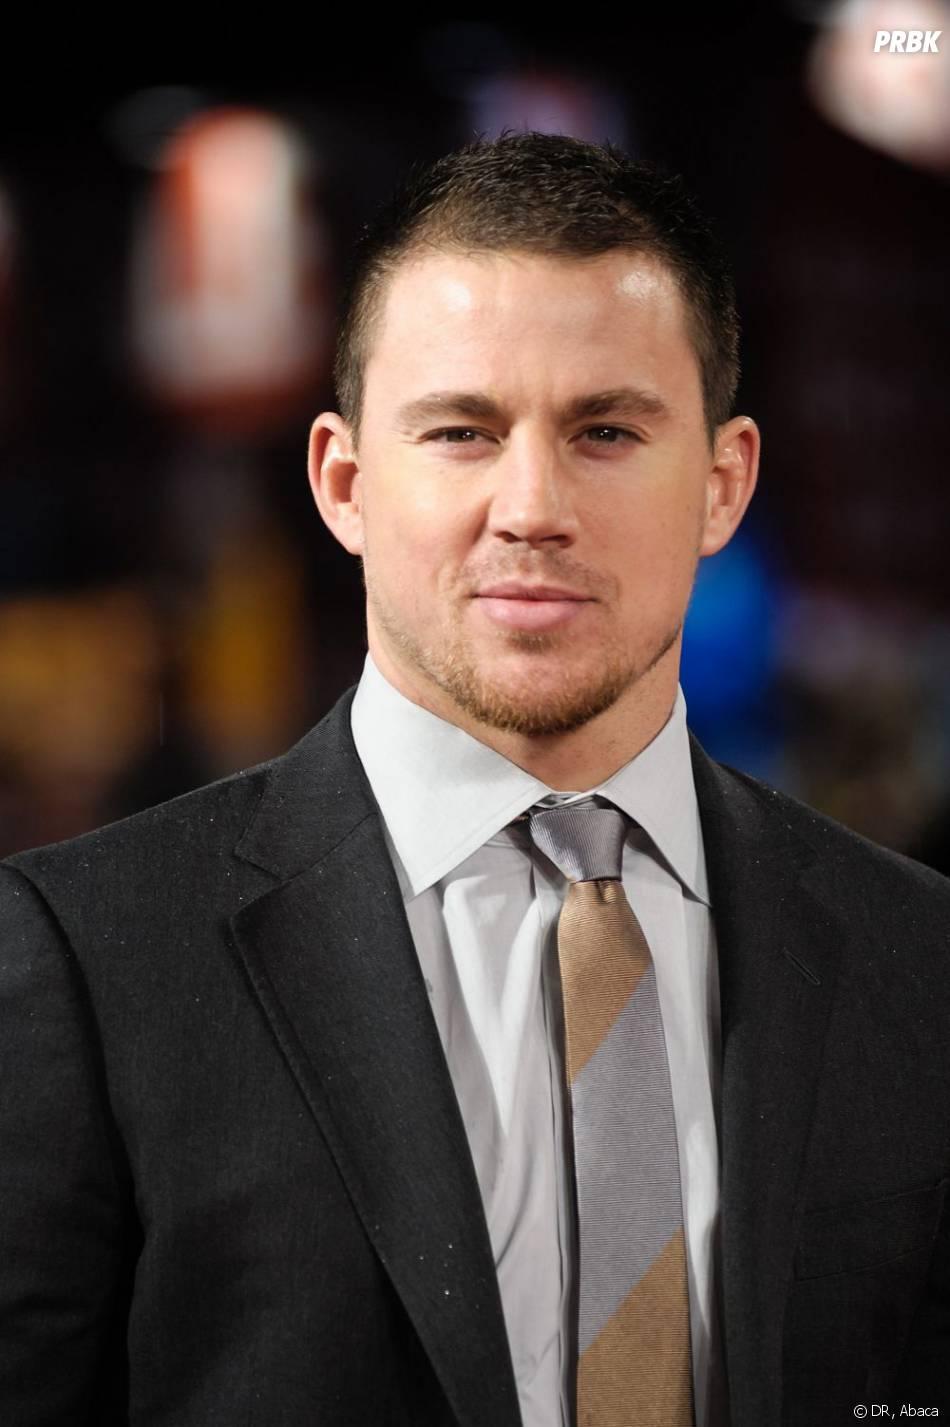 Channing Tatum aurait gagné 60 millions de dollars entre 2012 et 2013